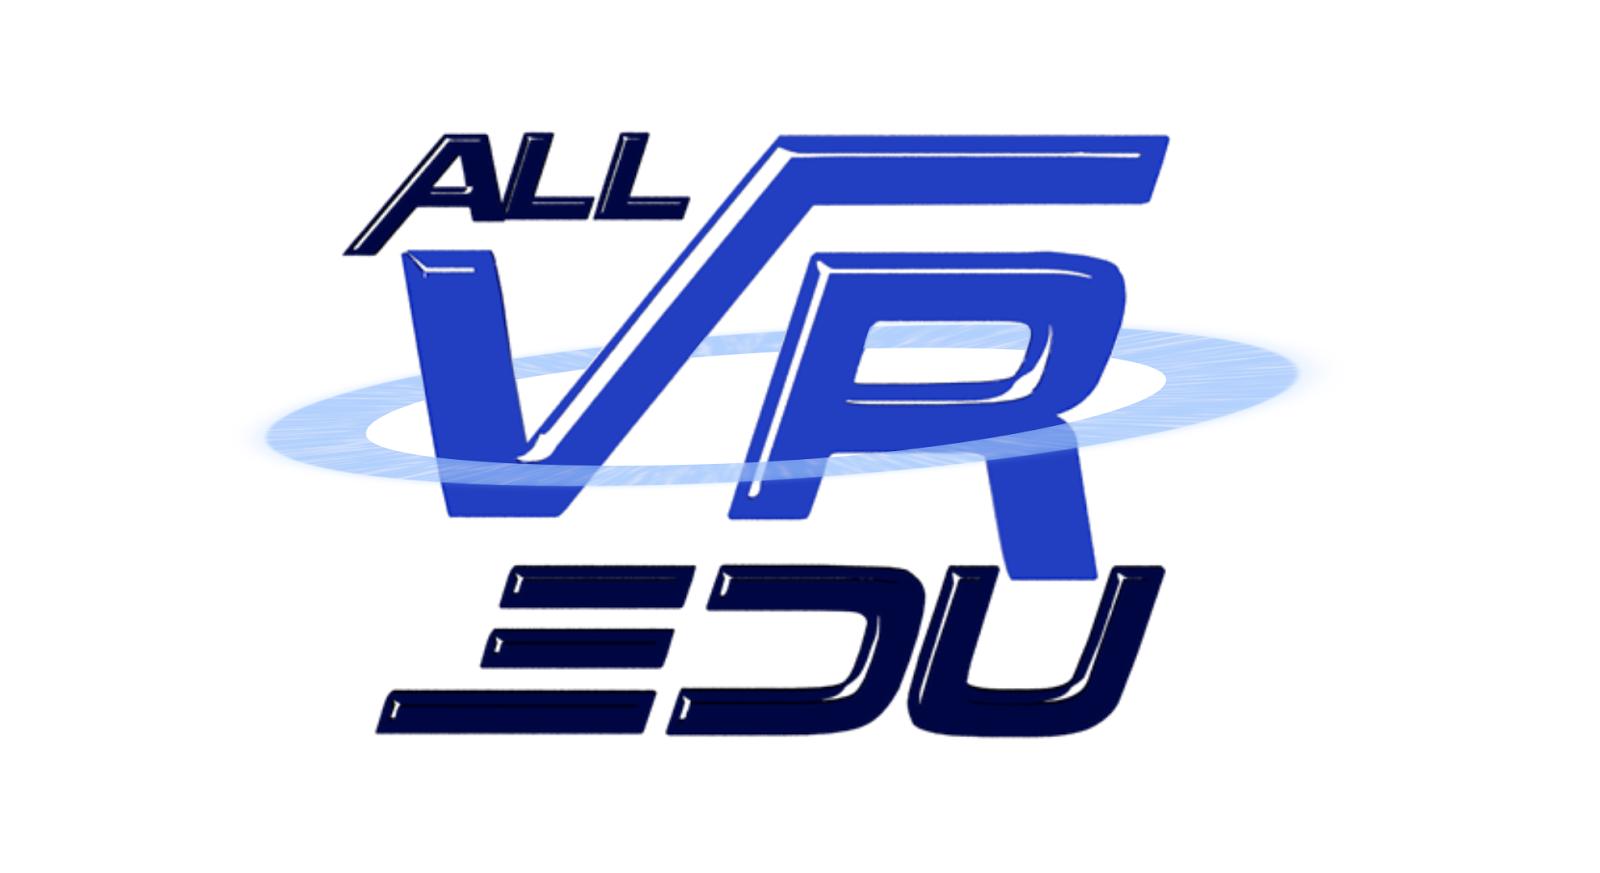 All VR Edu